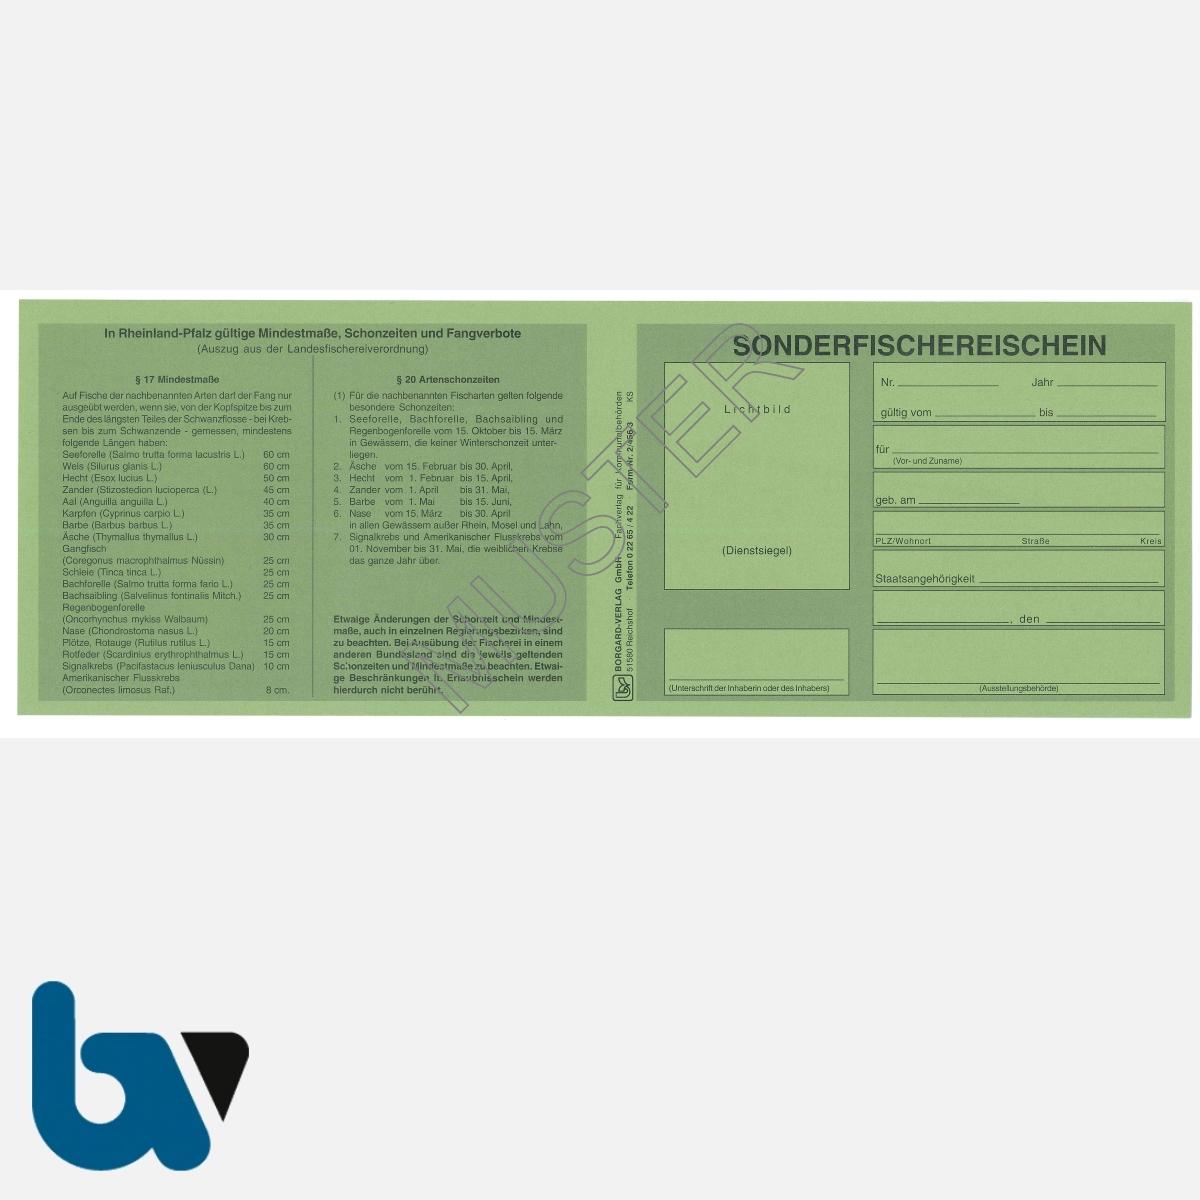 2/456-3 Sonderfischereischein RLP Rheinland-Pfalz grün Neobond Muster VS | Borgard Verlag GmbH